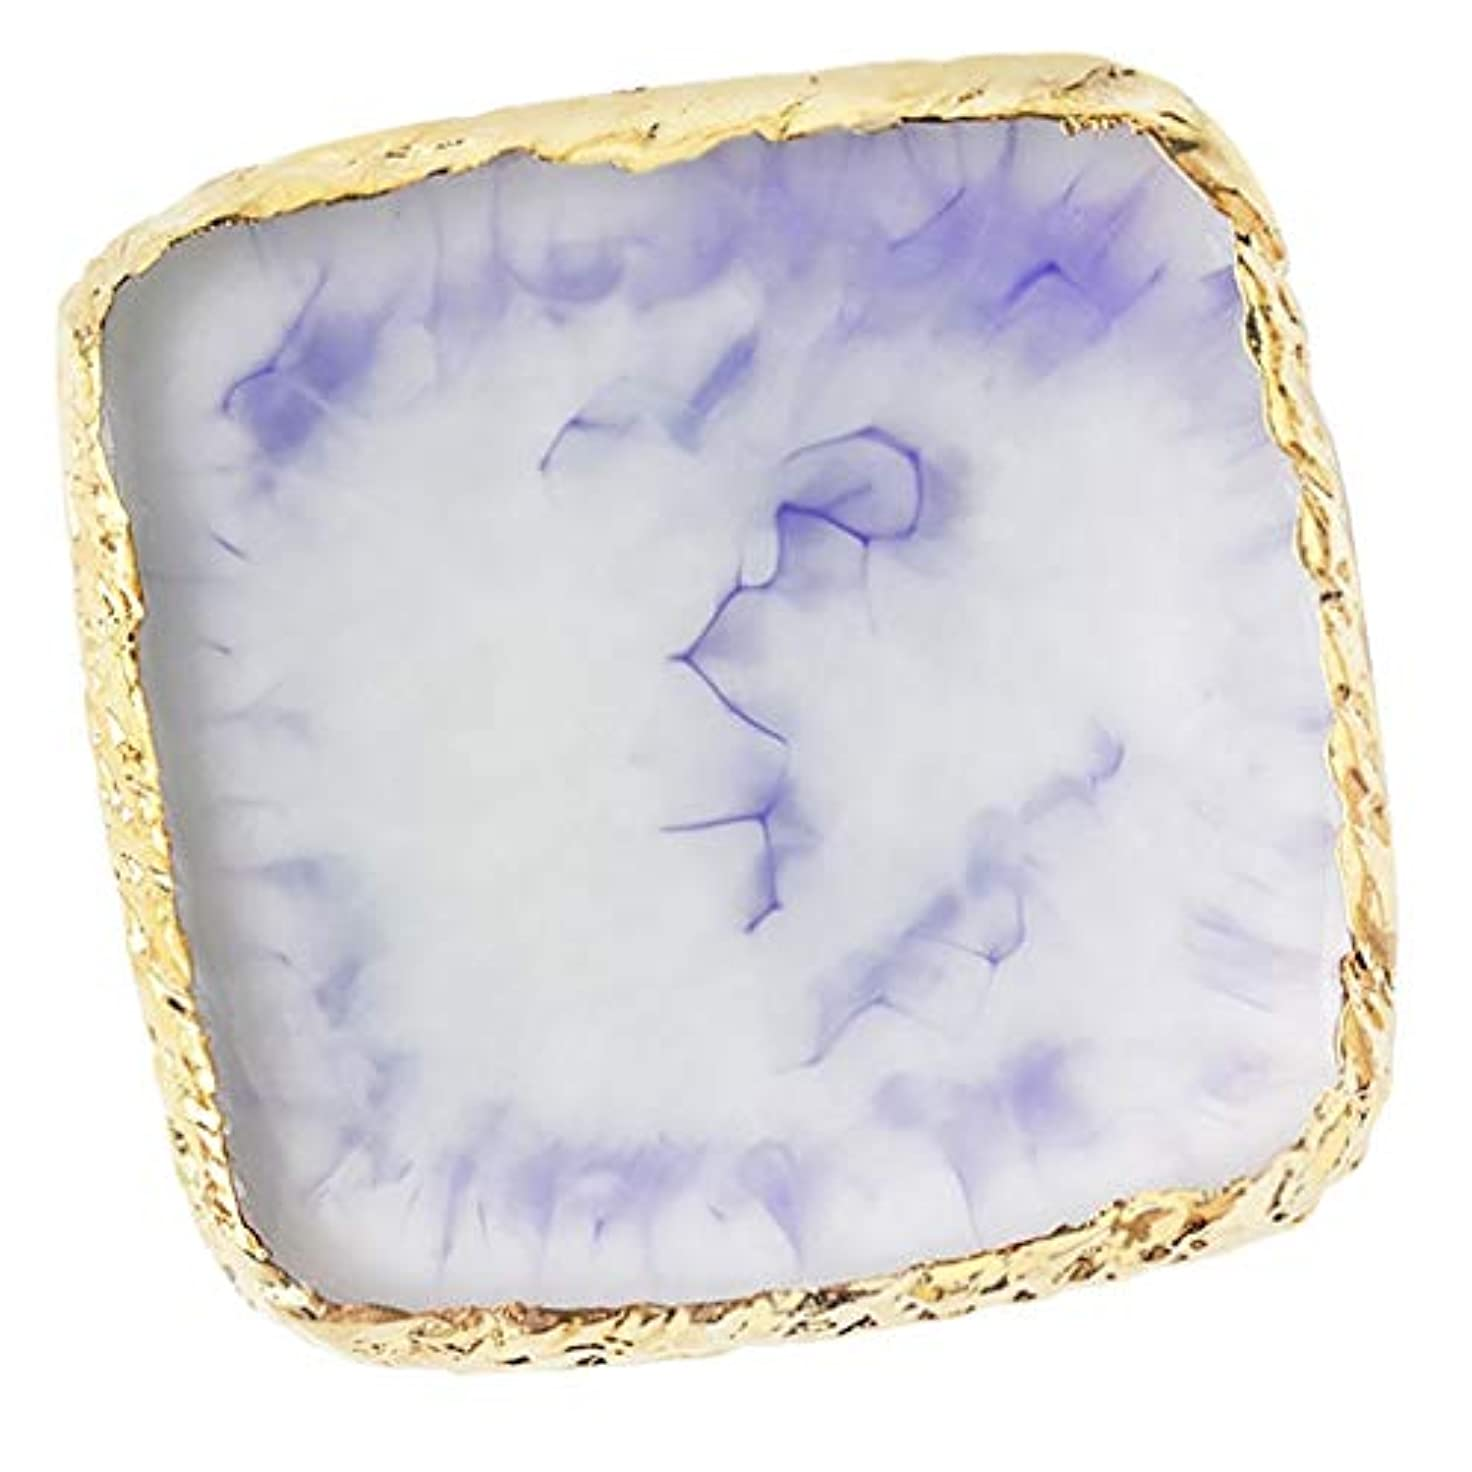 Perfeclan ネイルアートパレット ネイルパレット ネイルアート カラープレート メイクミキシング 全6色 - 紫